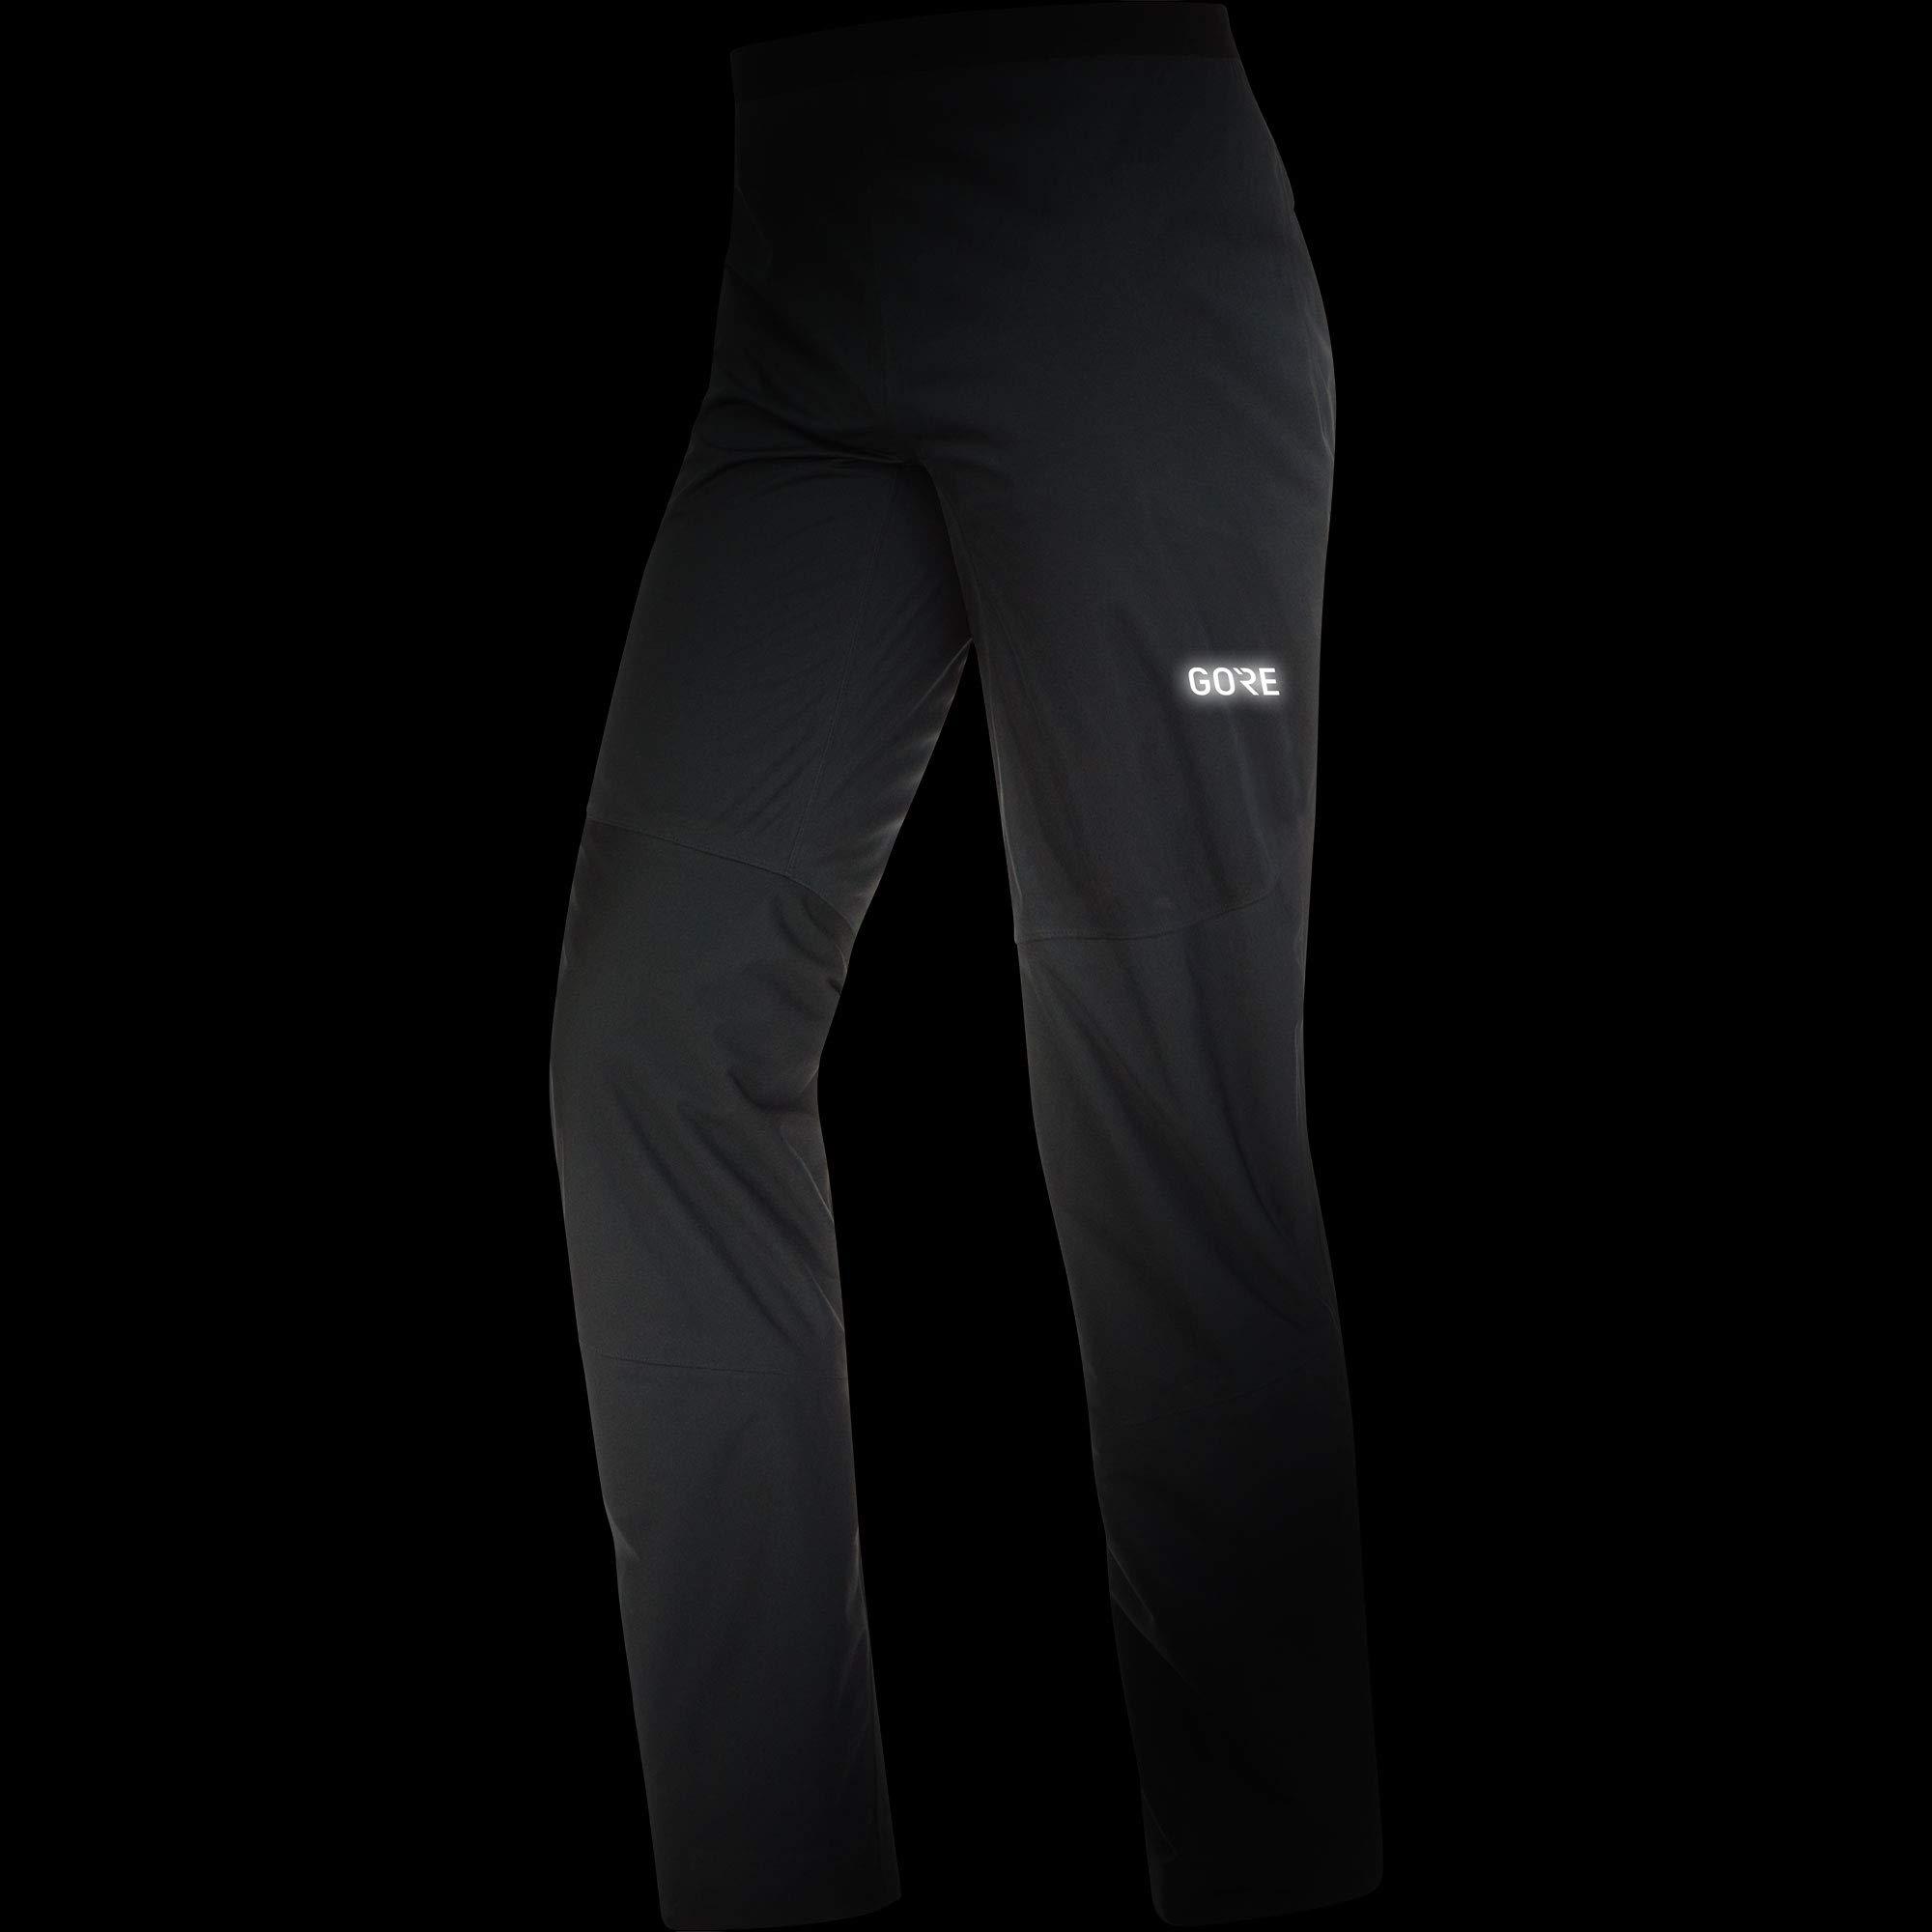 Gore Men's R3 Gtx Active Pants,  black,  L by GORE WEAR (Image #3)